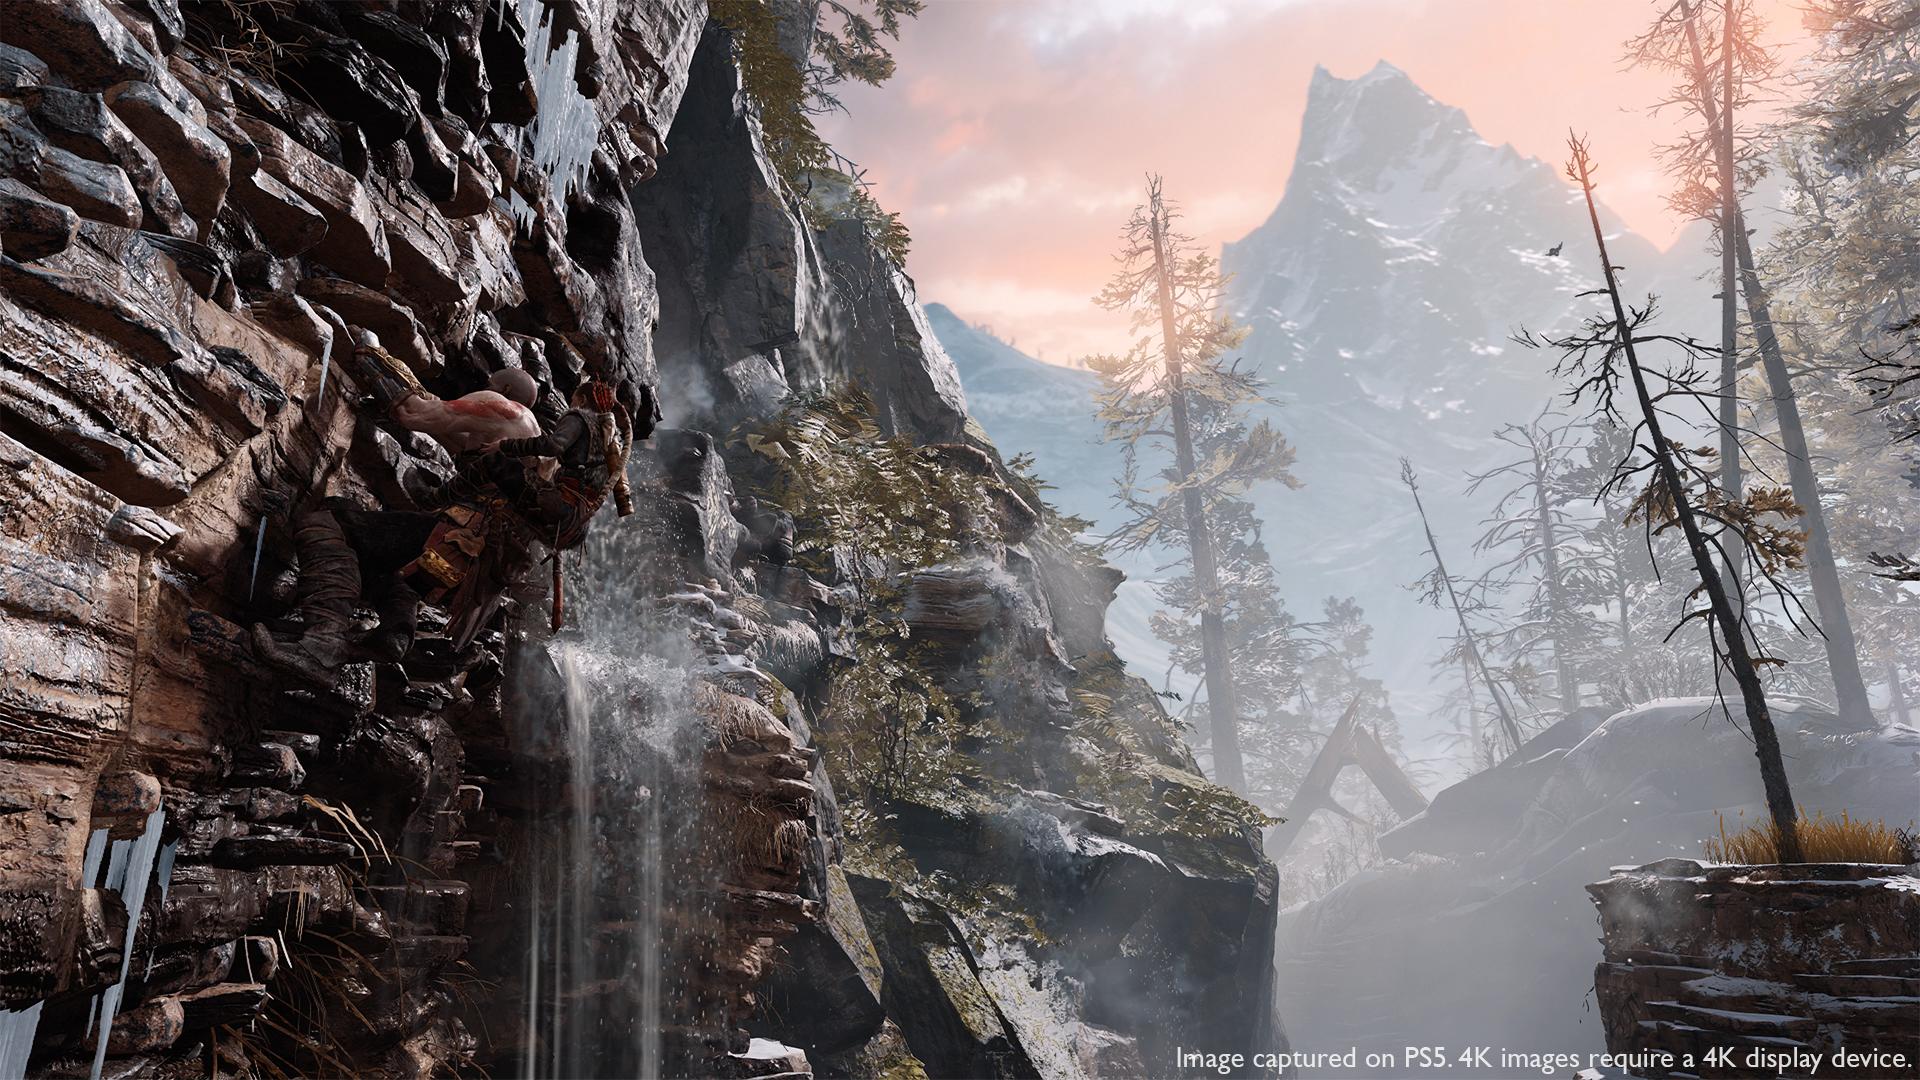 God of War screenshot from PS5